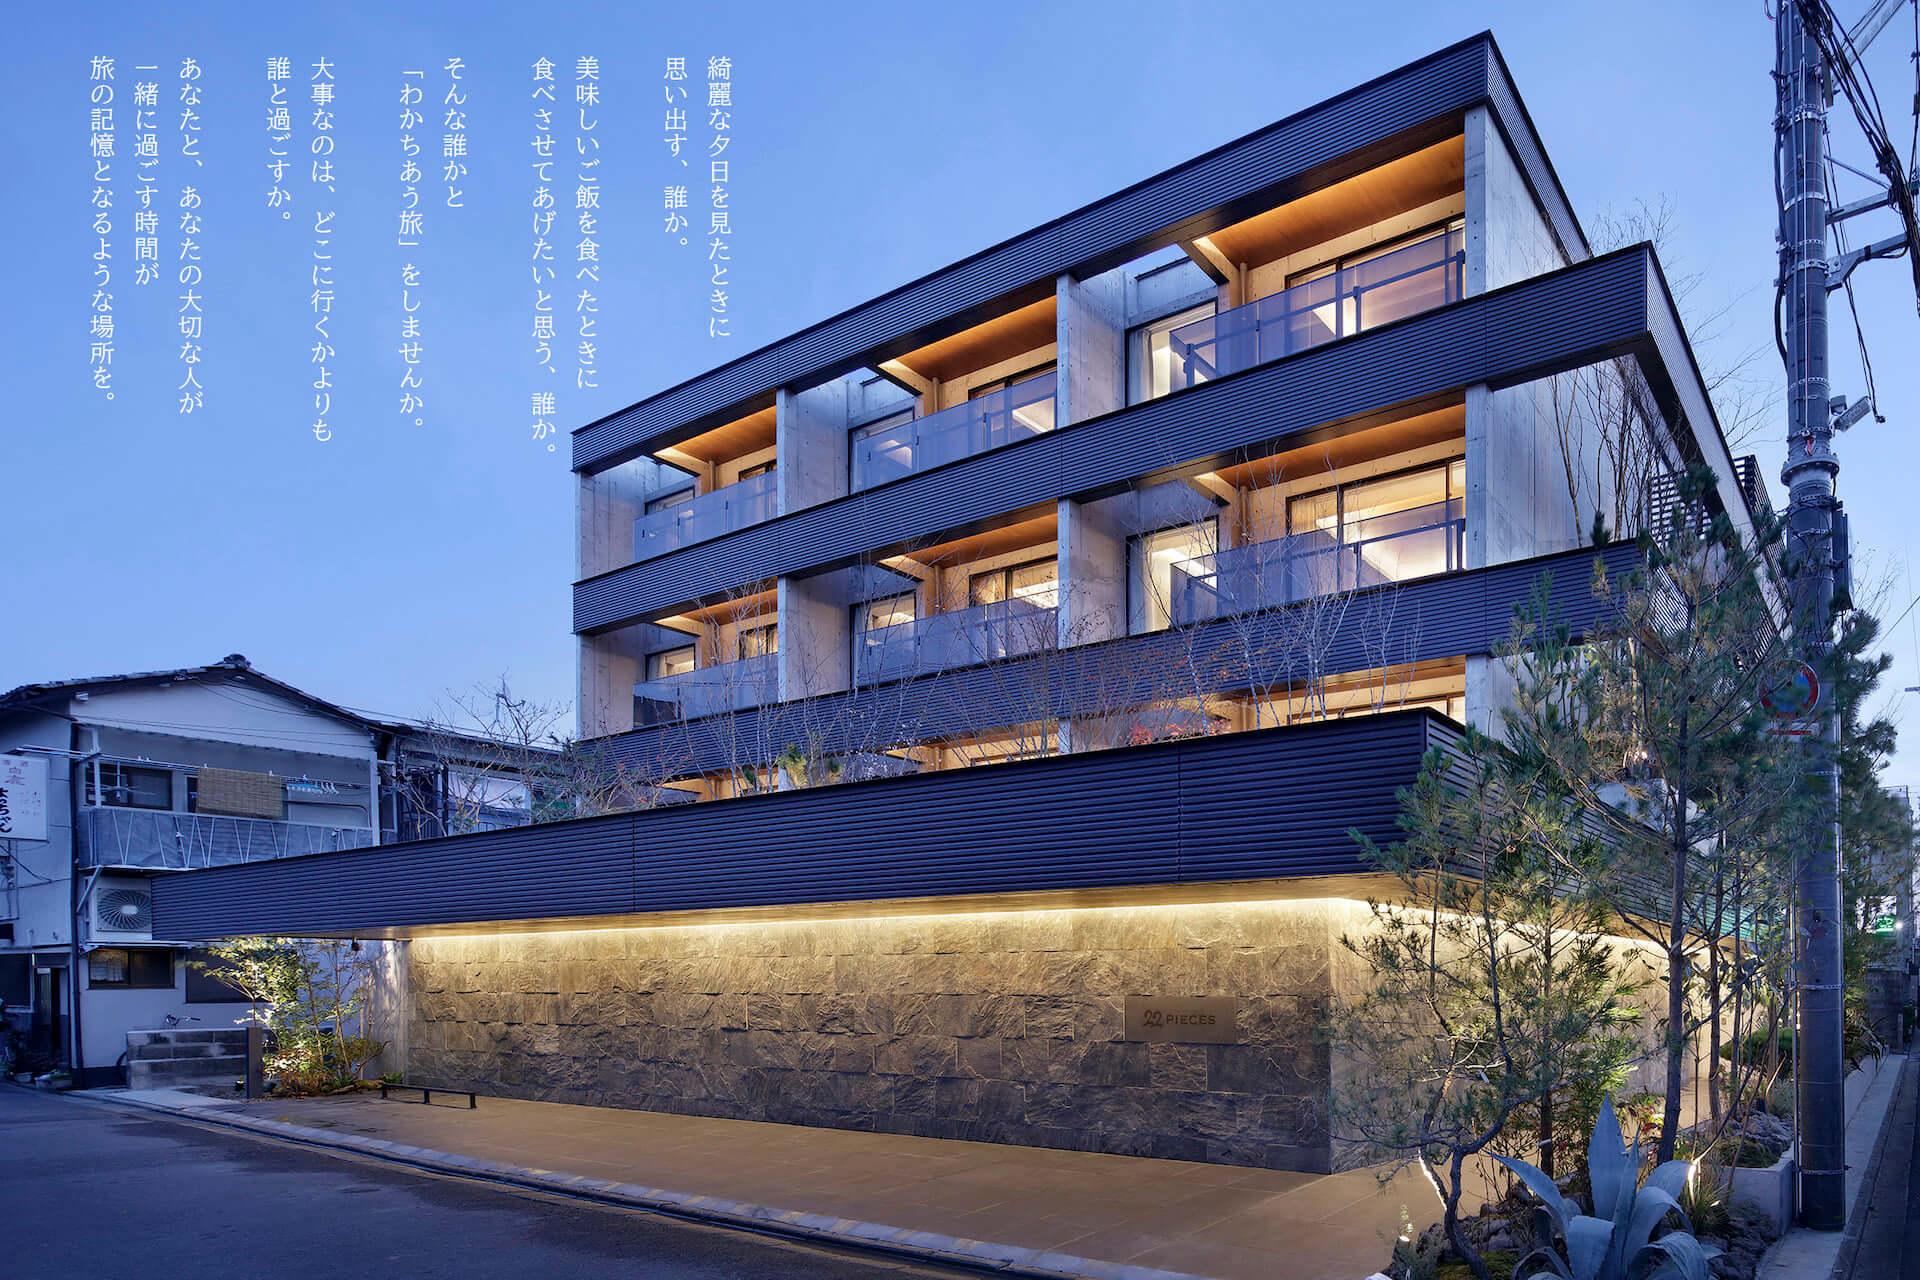 スタジオタイプの隠れ家ホテル・京都「22 PIECES」が営業再開決定!無料招待券のプレゼント企画も実施 lf201022_22pieces_5-1920x1280